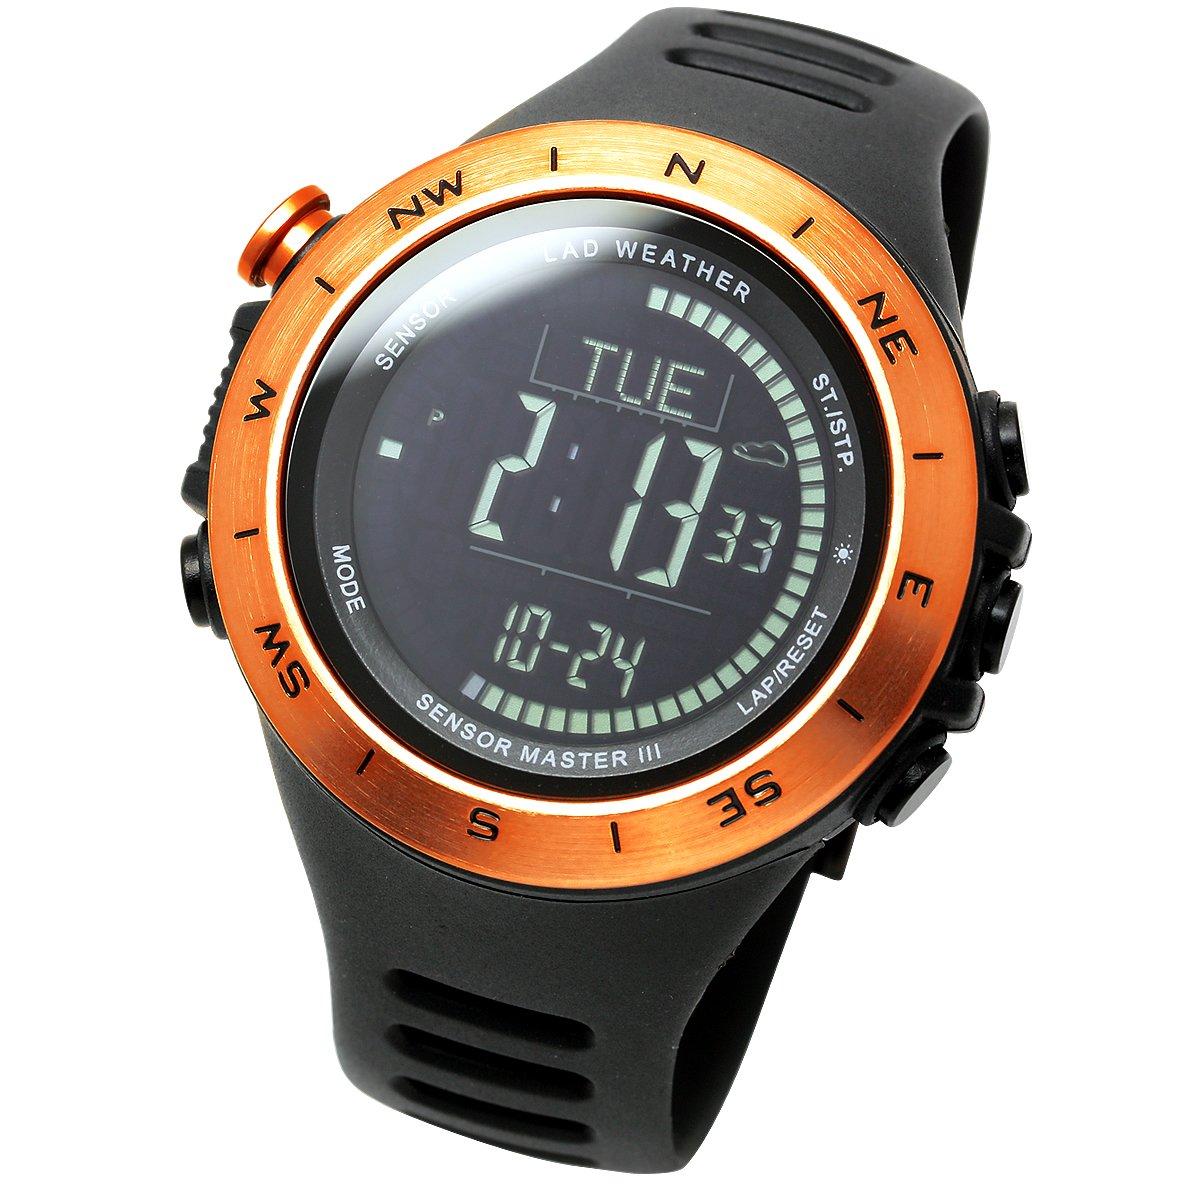 [Lad Weather] Sensor Suiza altímetro barómetro Brújula Digital previsión meteorológica termómetro Datos número de Pas Relojes multifunción